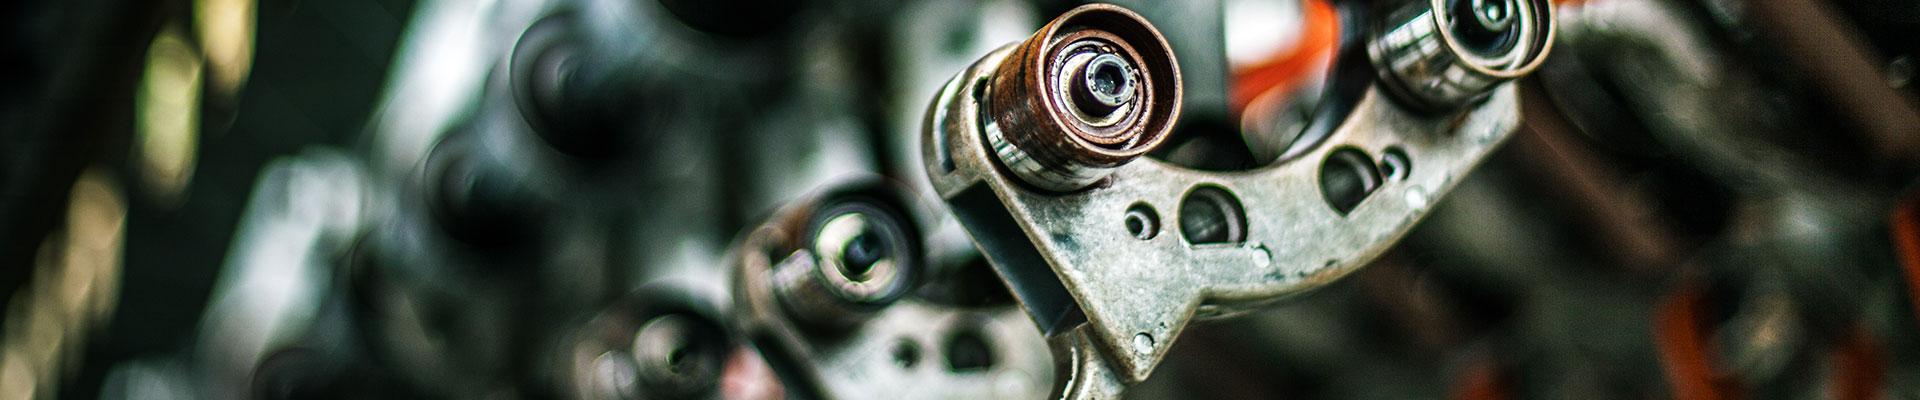 玉柴发电机:柴油发电机如何检修?